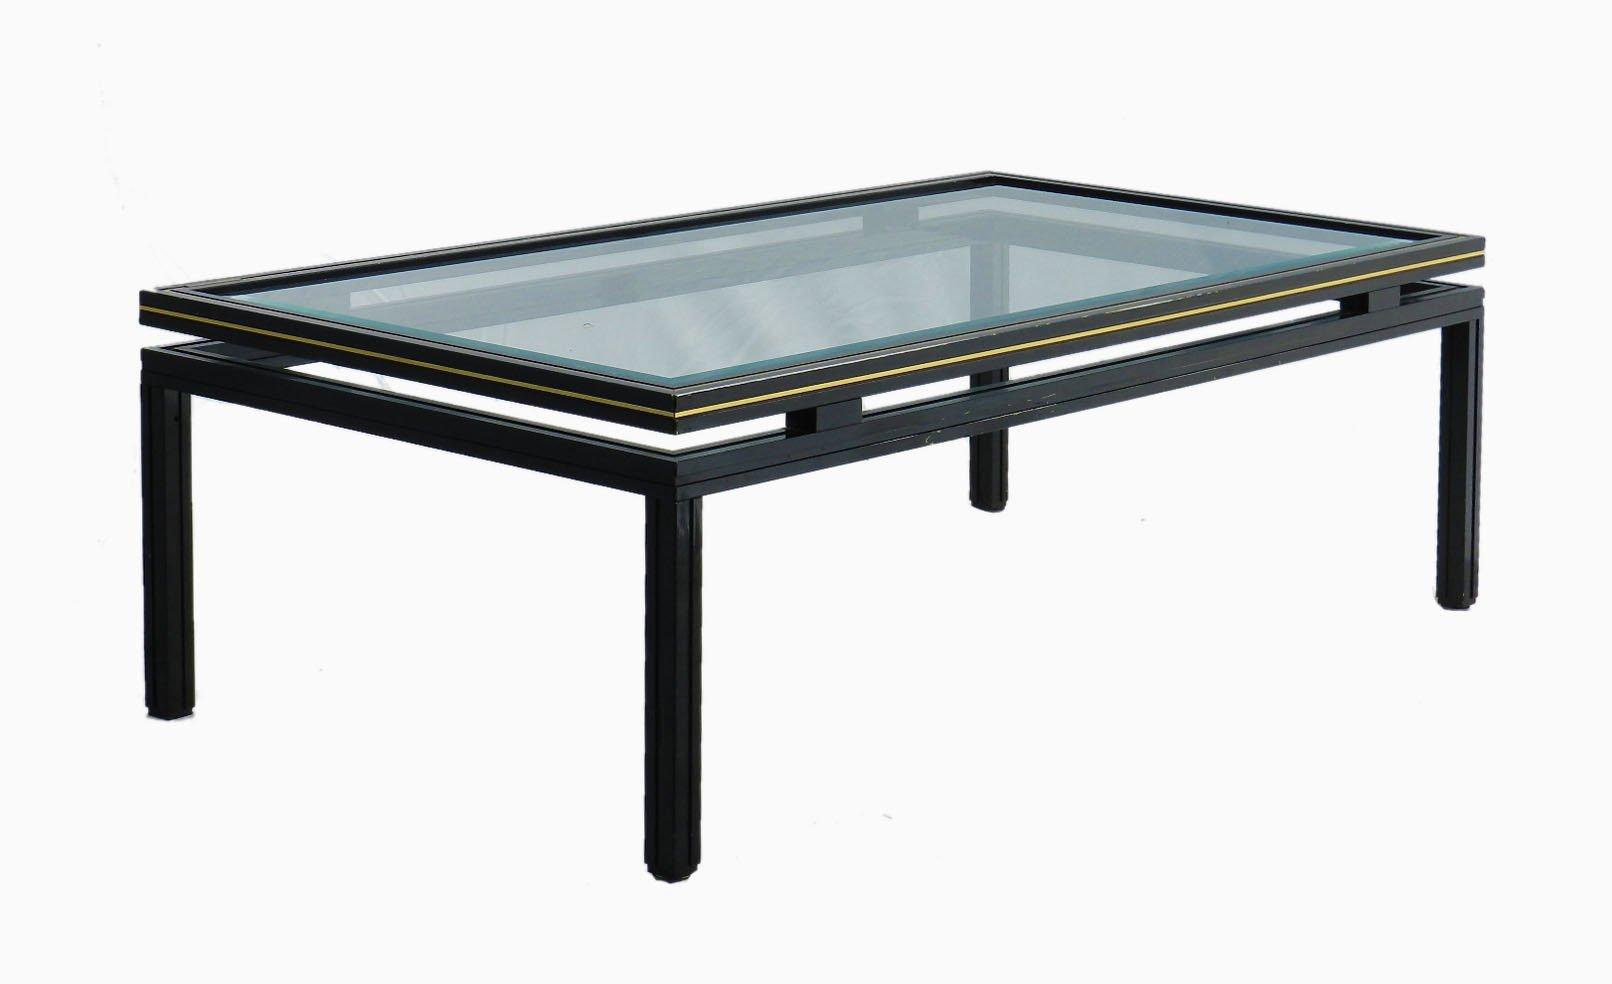 Table Basse Vintage en Laiton & Chrome par Pierre Vandel en vente ...